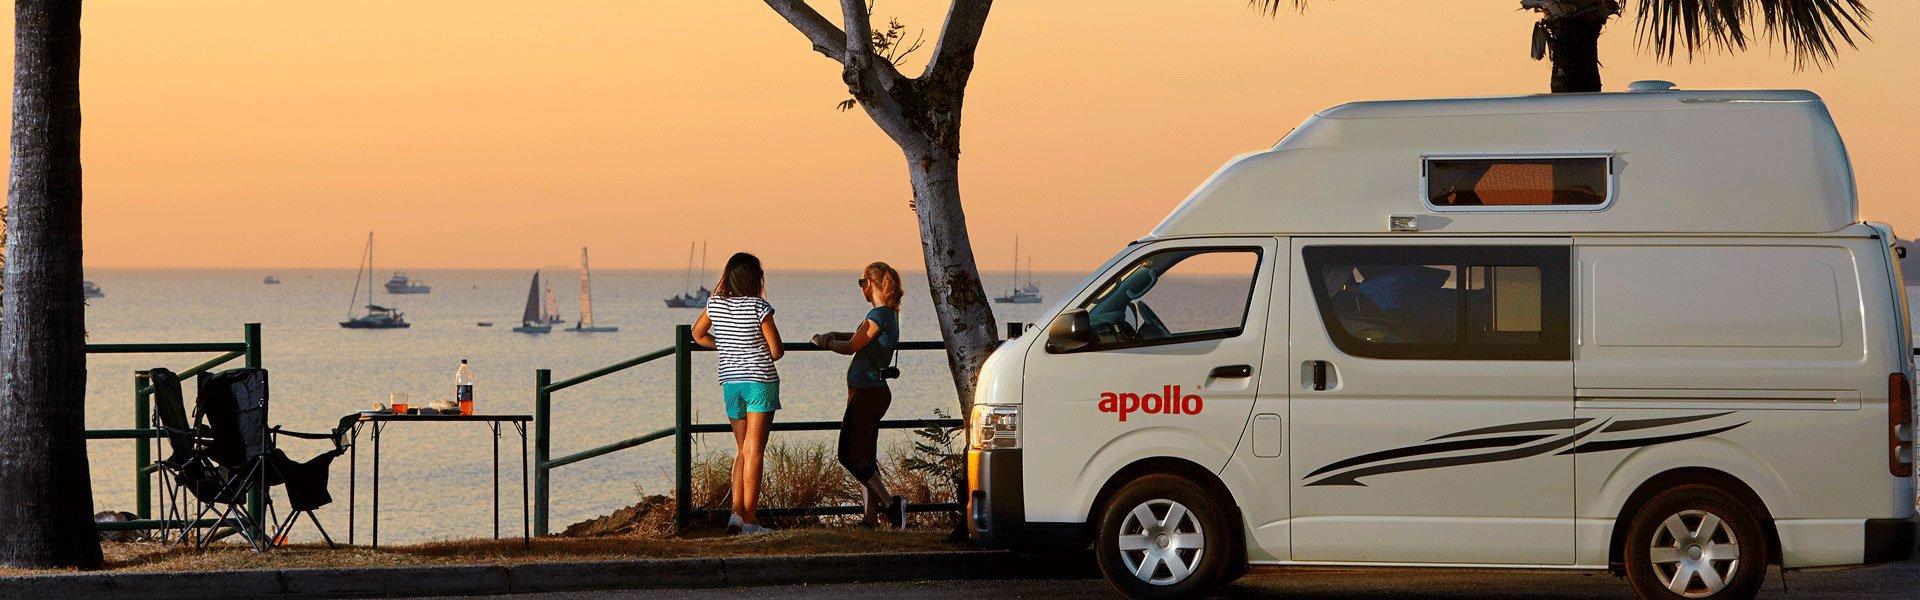 Apollo Australië